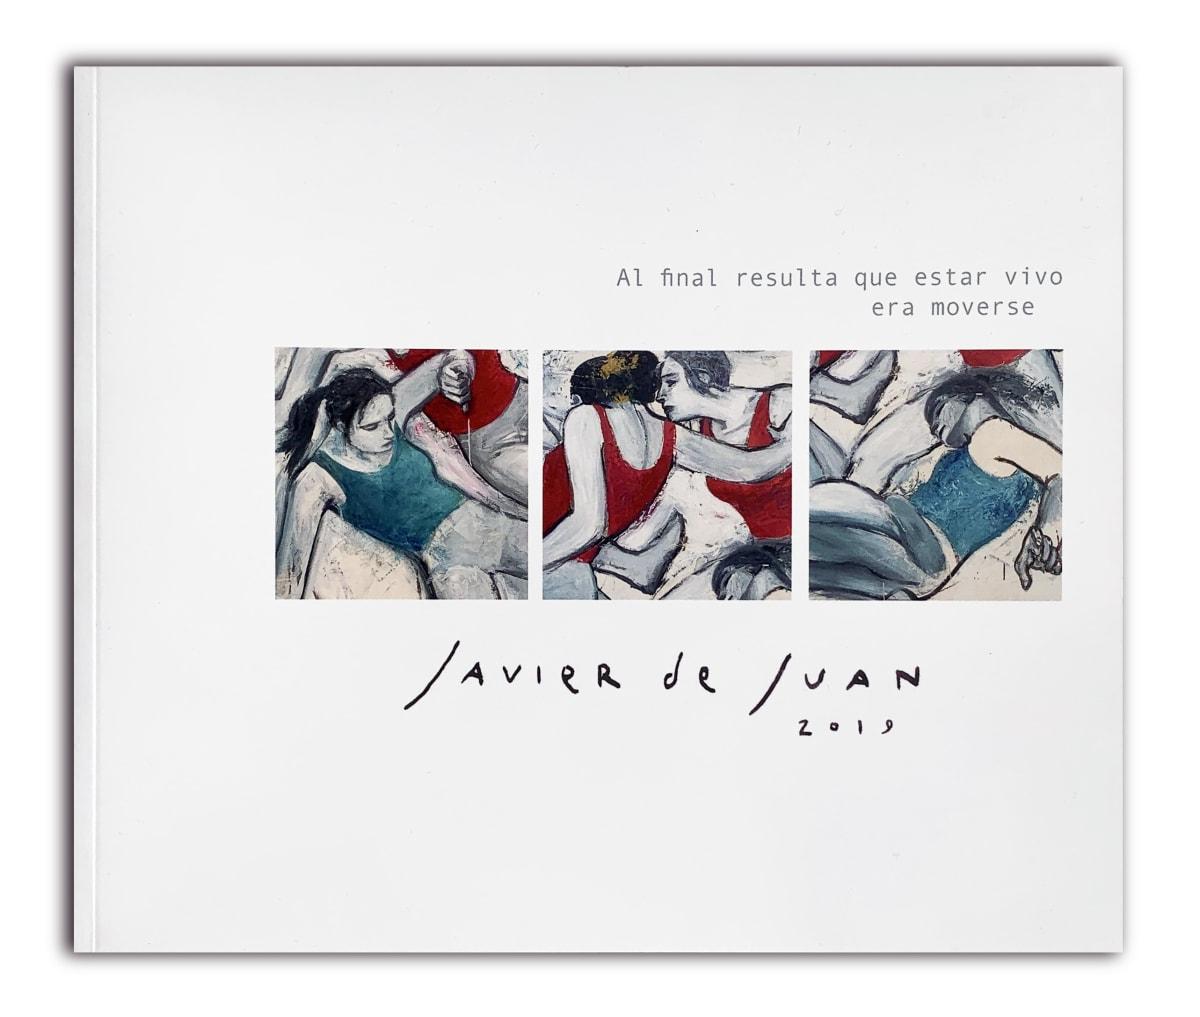 Javier de Juan